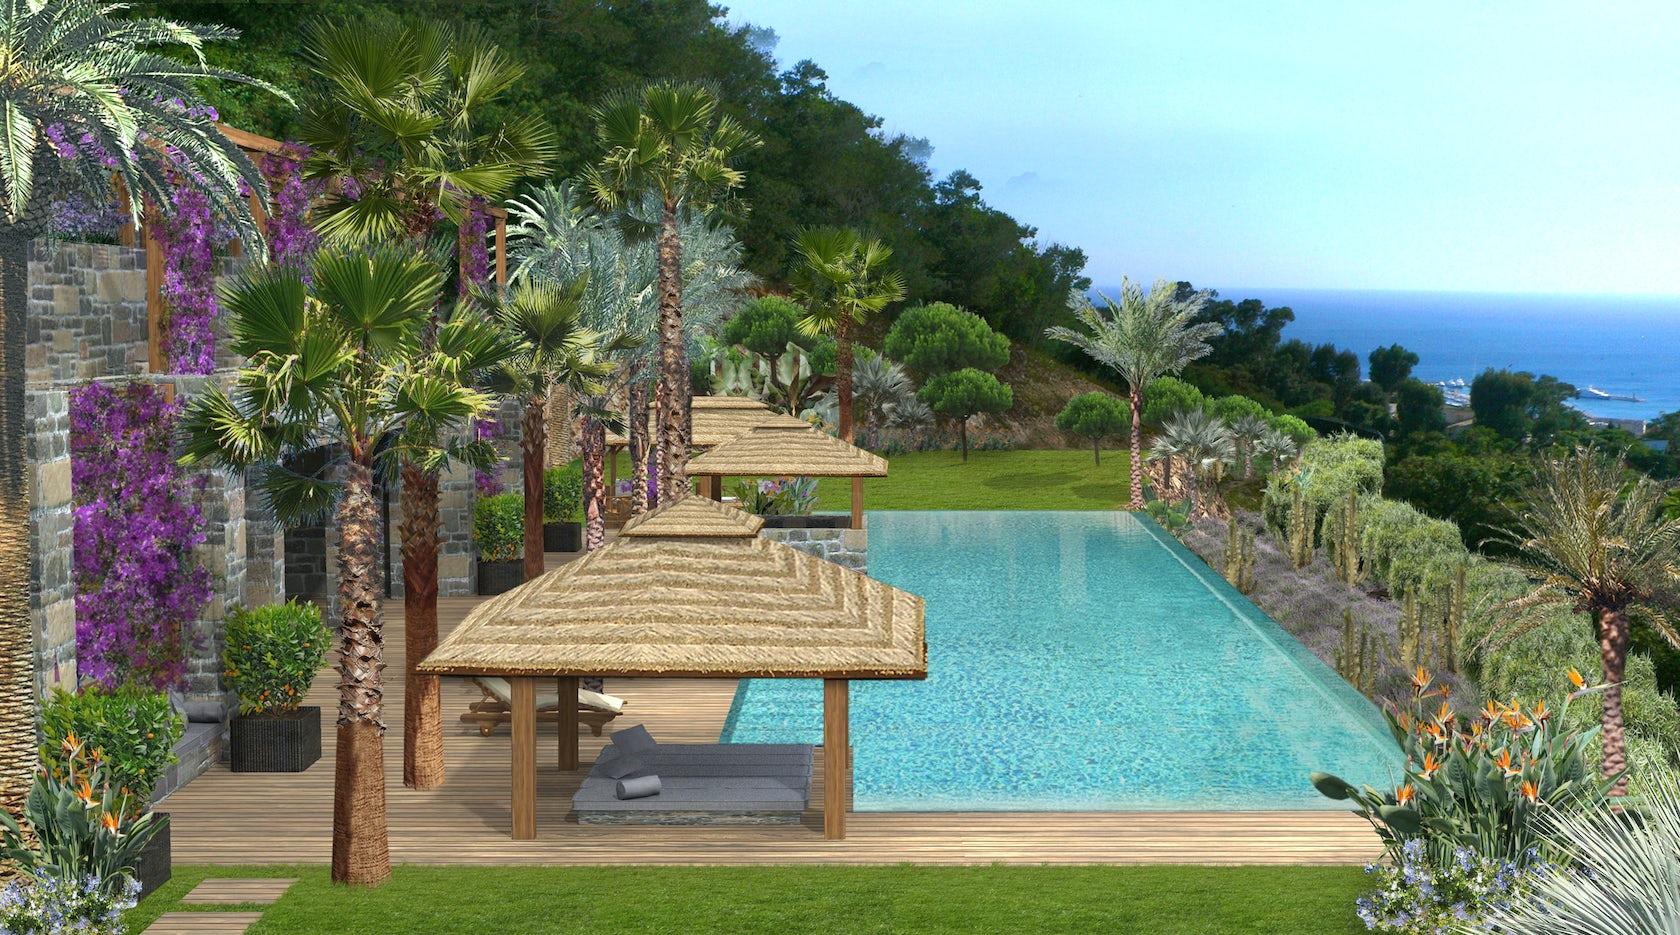 French riviera garden design architizer for Garden design instagram